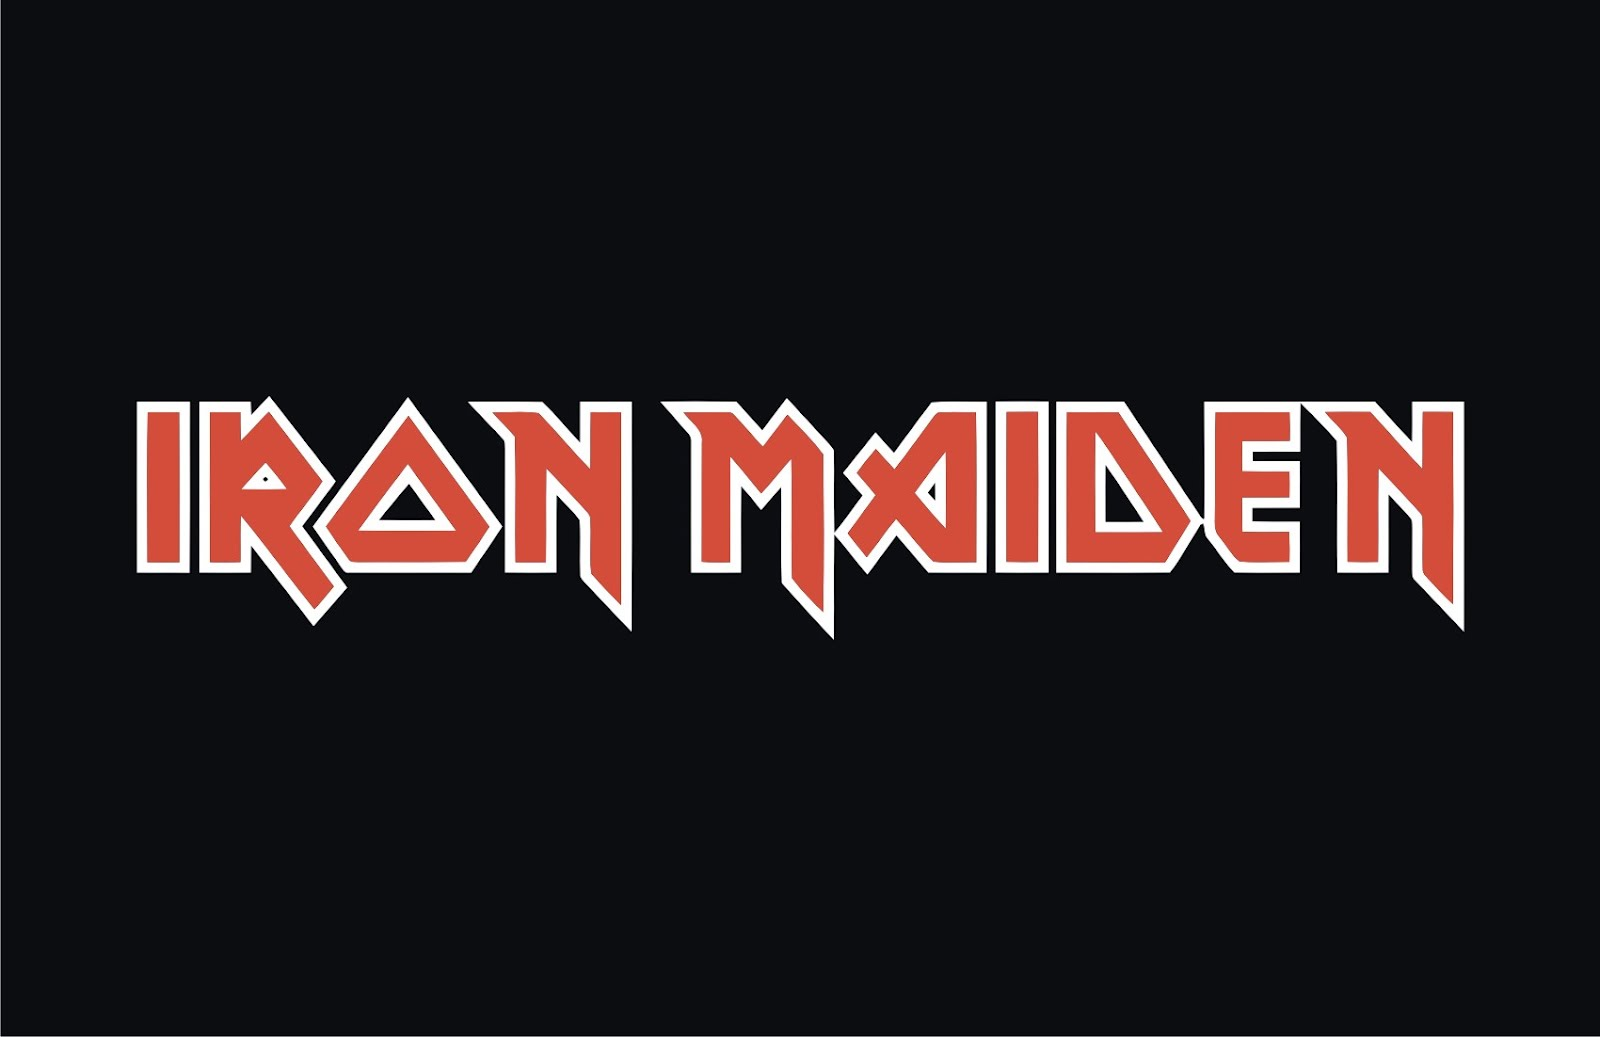 iron_maiden-iron_maiden_back_vector